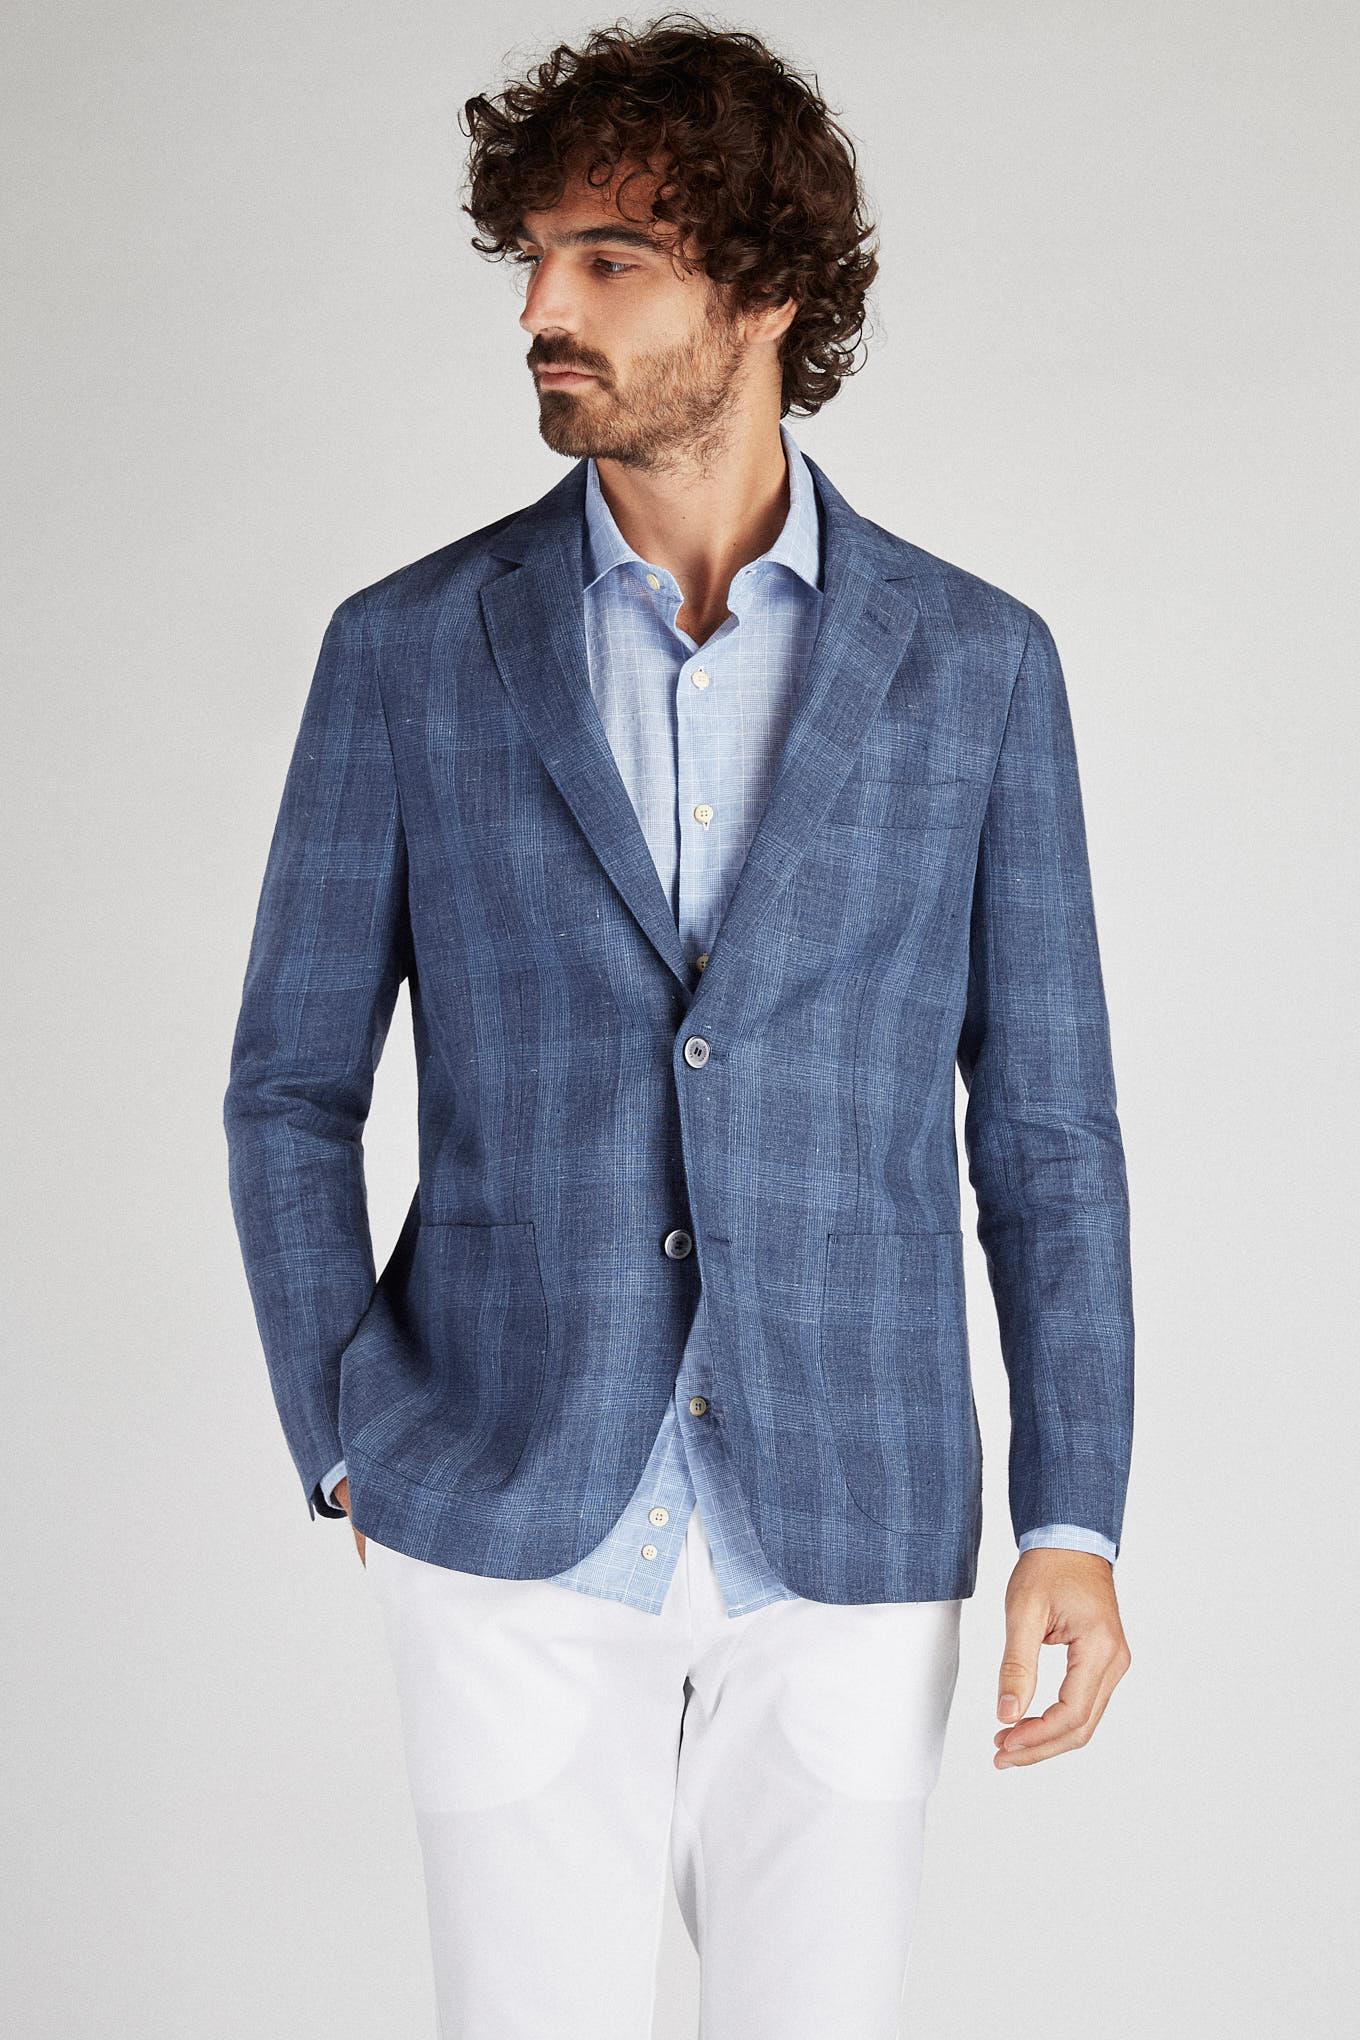 Blazer Azul Médio Classic Homem